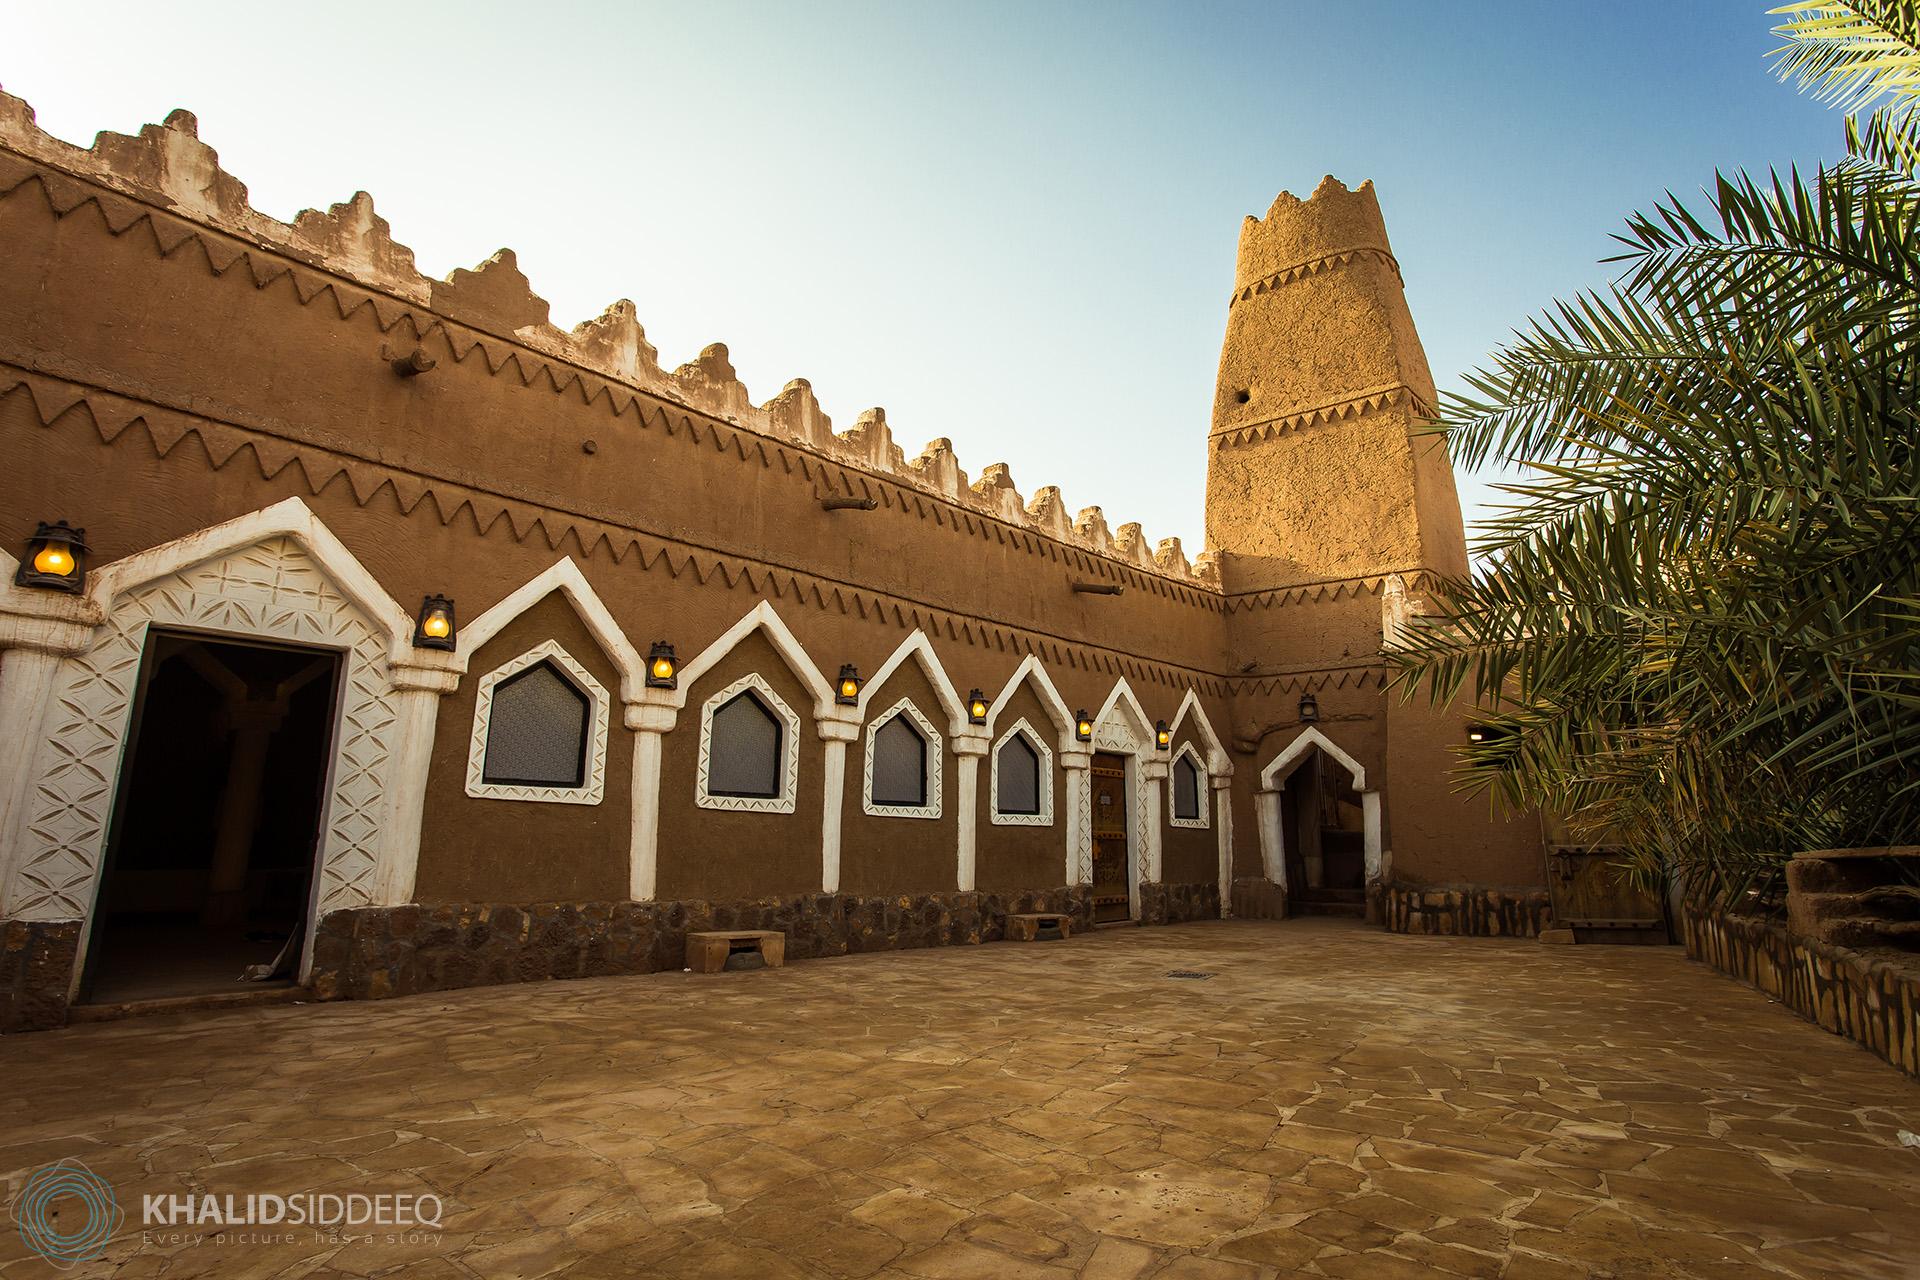 قرية أشيقر، المملكة العربية السعودية